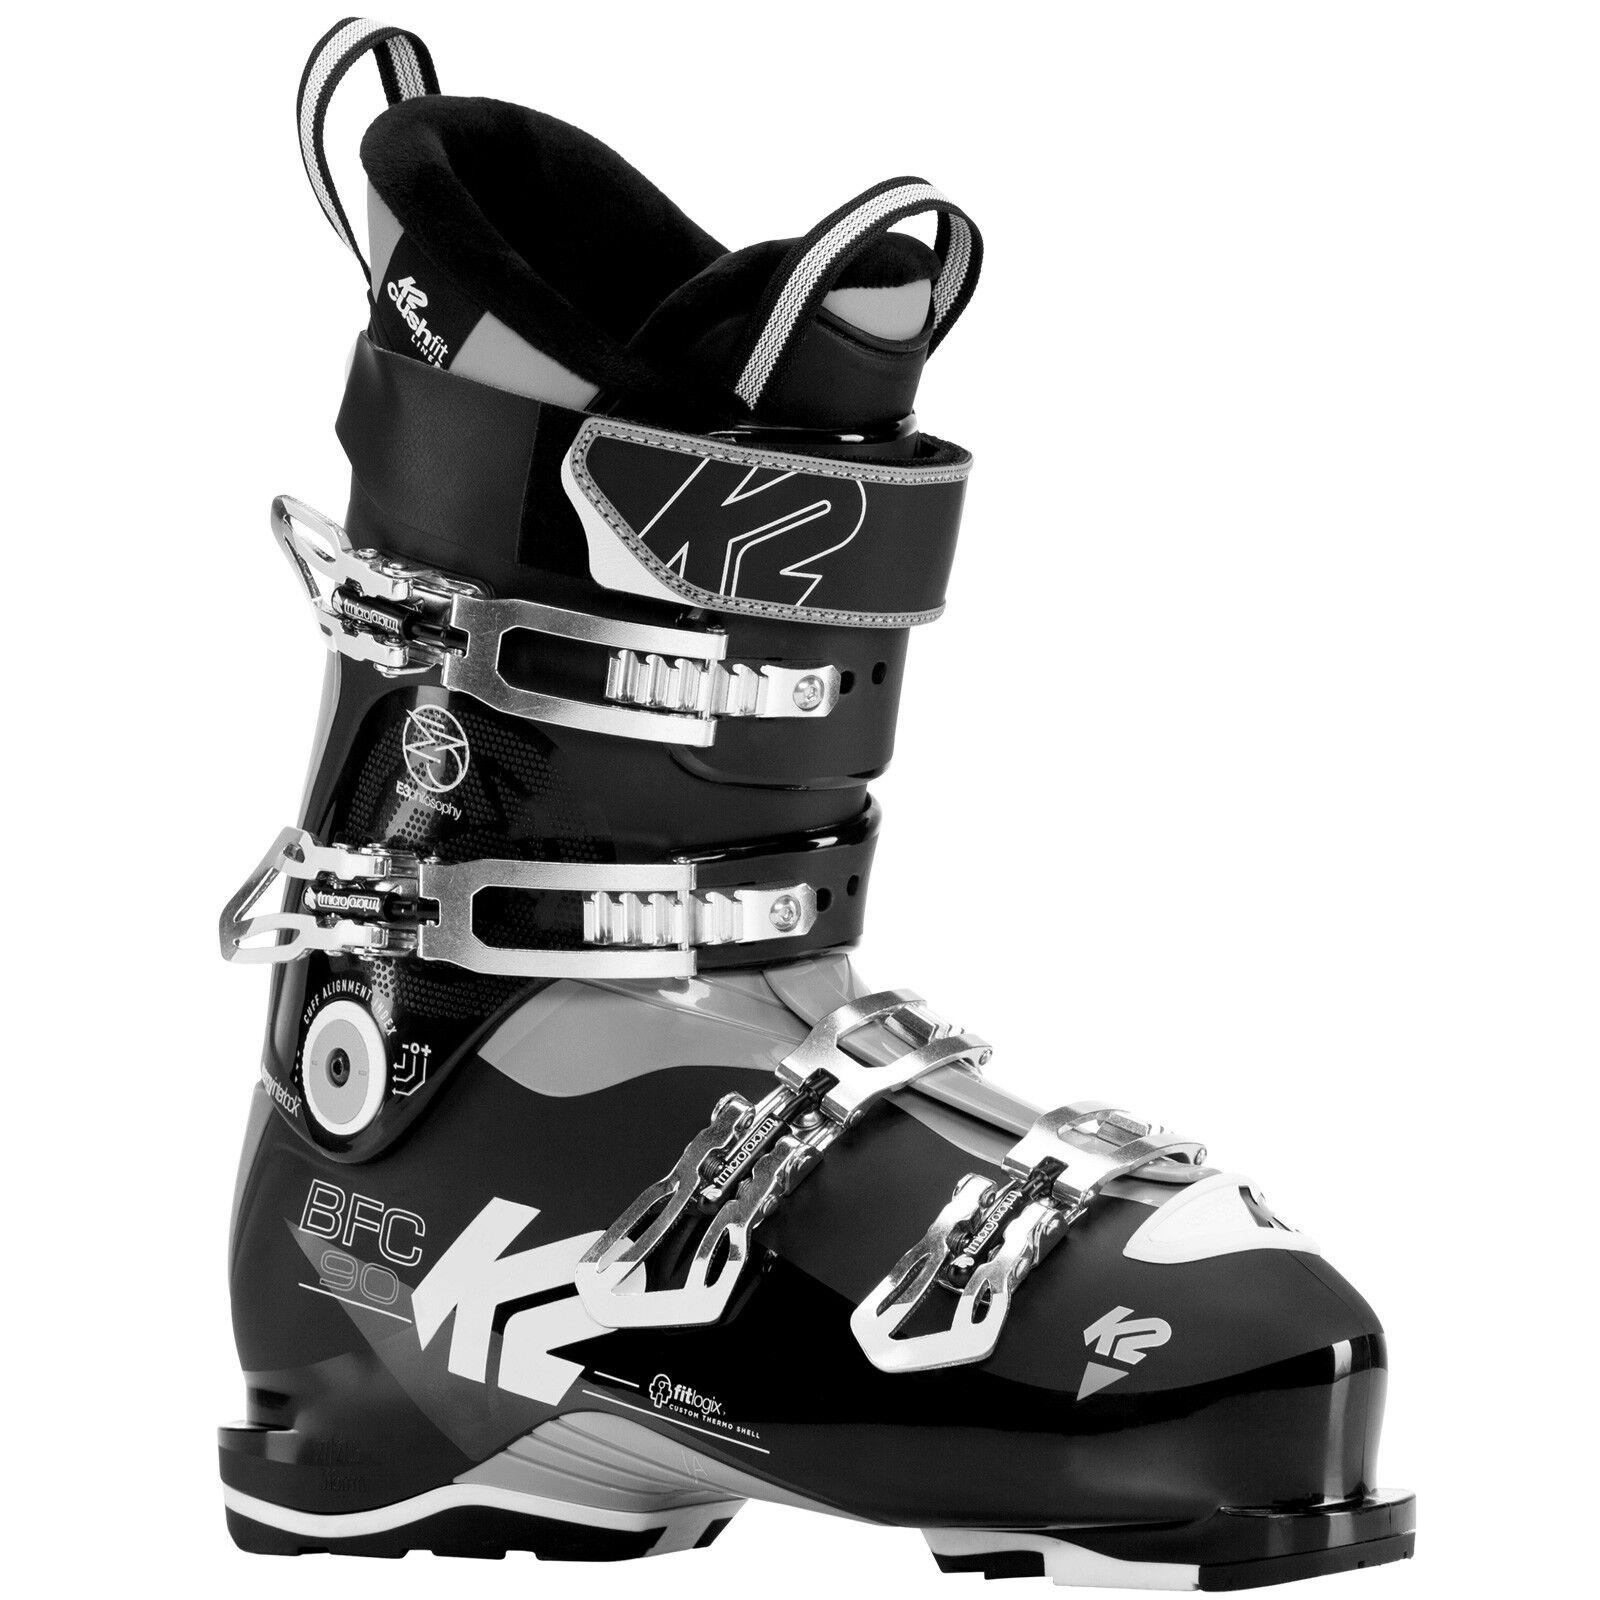 K2 Bfc 90 Hv 103 mm Men's Ski Boots Ski Boots Ski Boots All-Mountain New Top